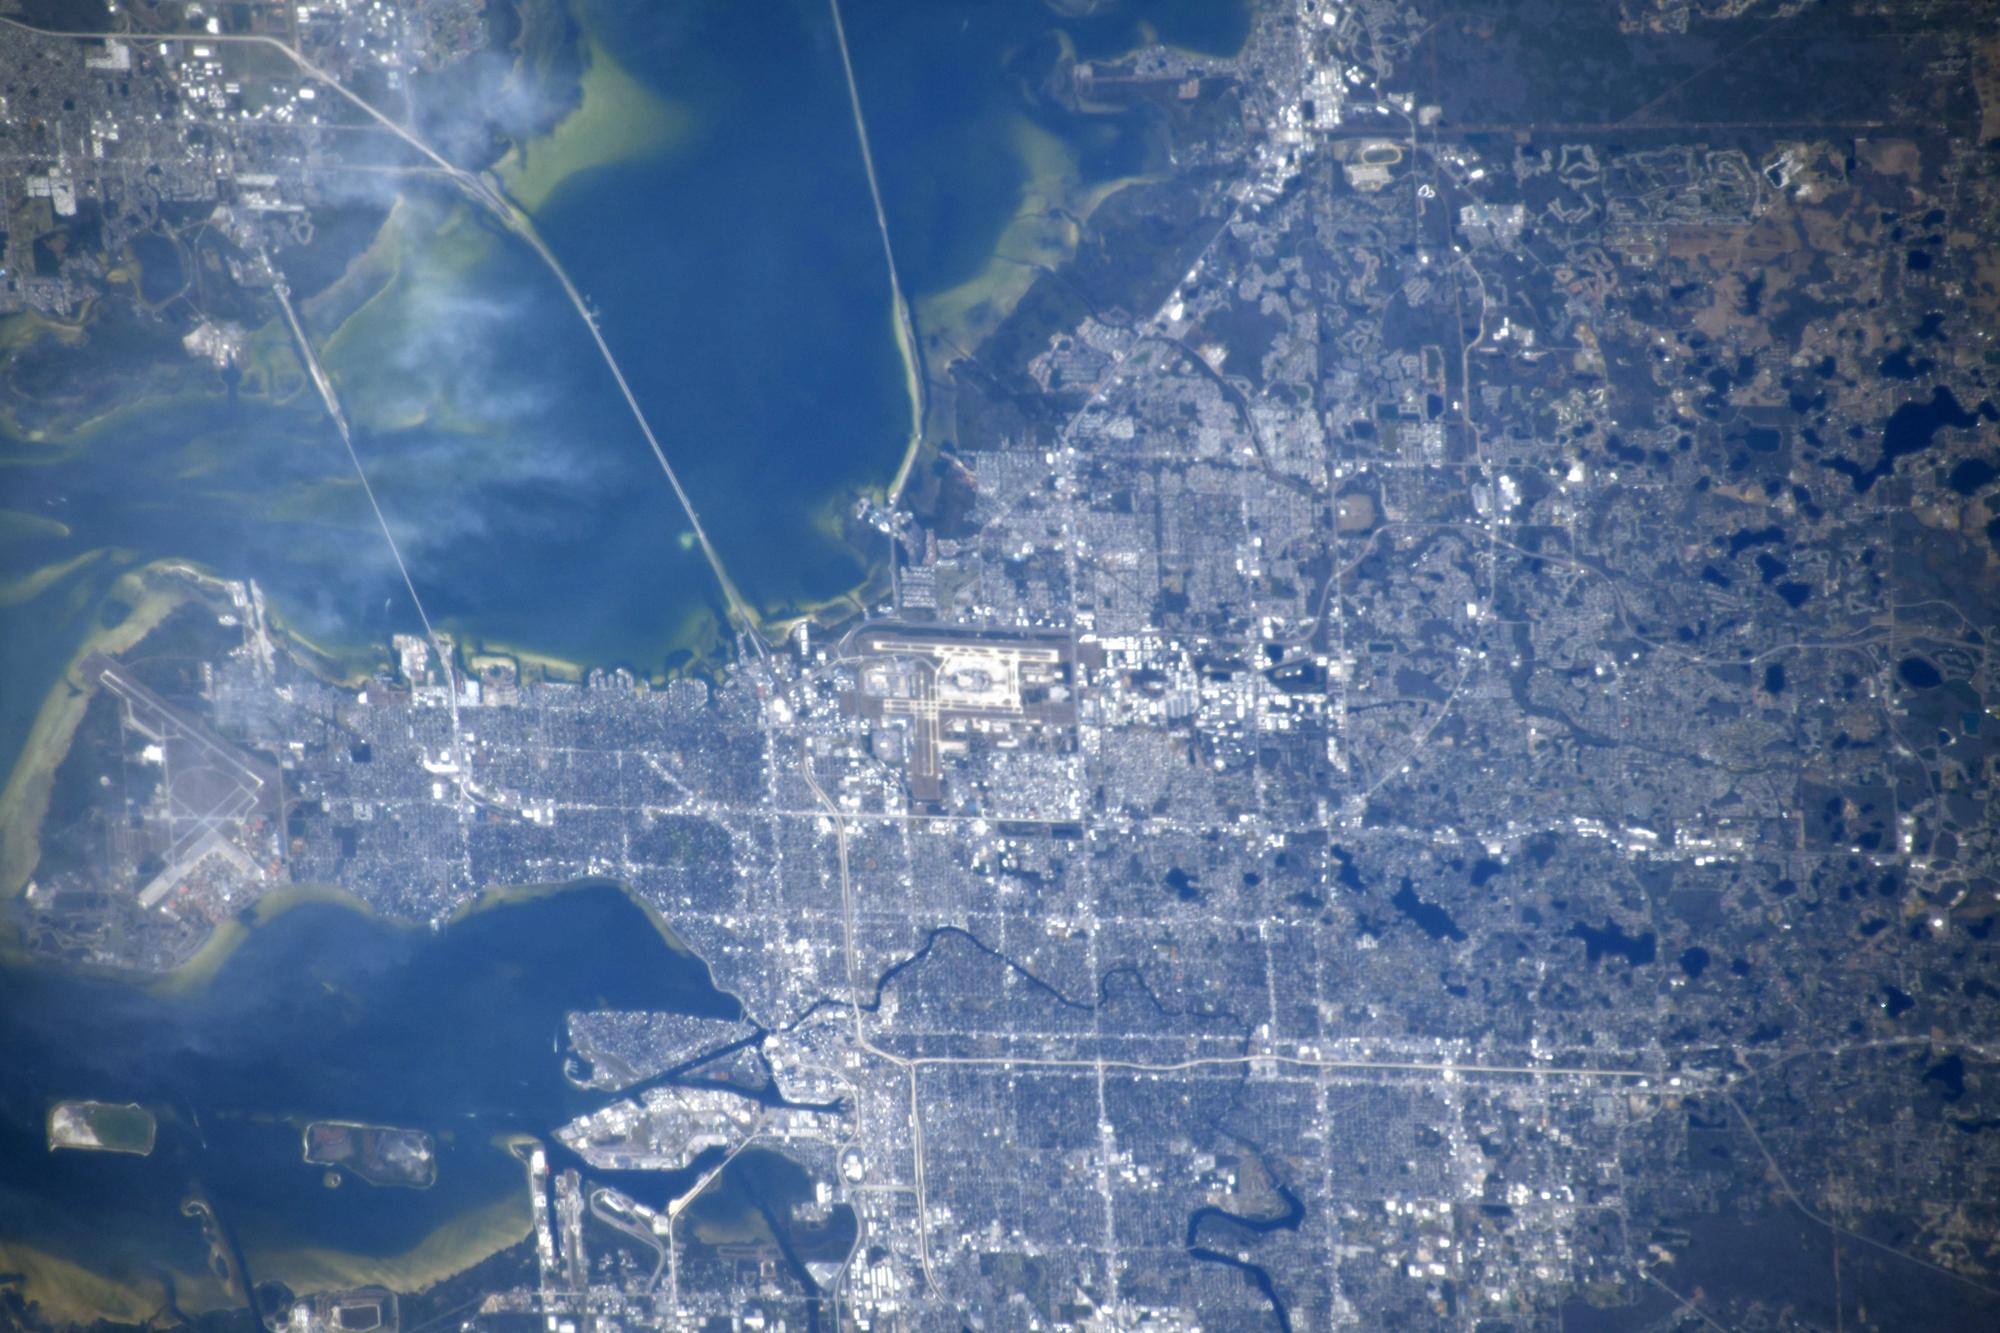 L'astronaute de la JAXA Soichi Noguchi a capturé cette photo de Tampa, en Floride, depuis la Station spatiale internationale.